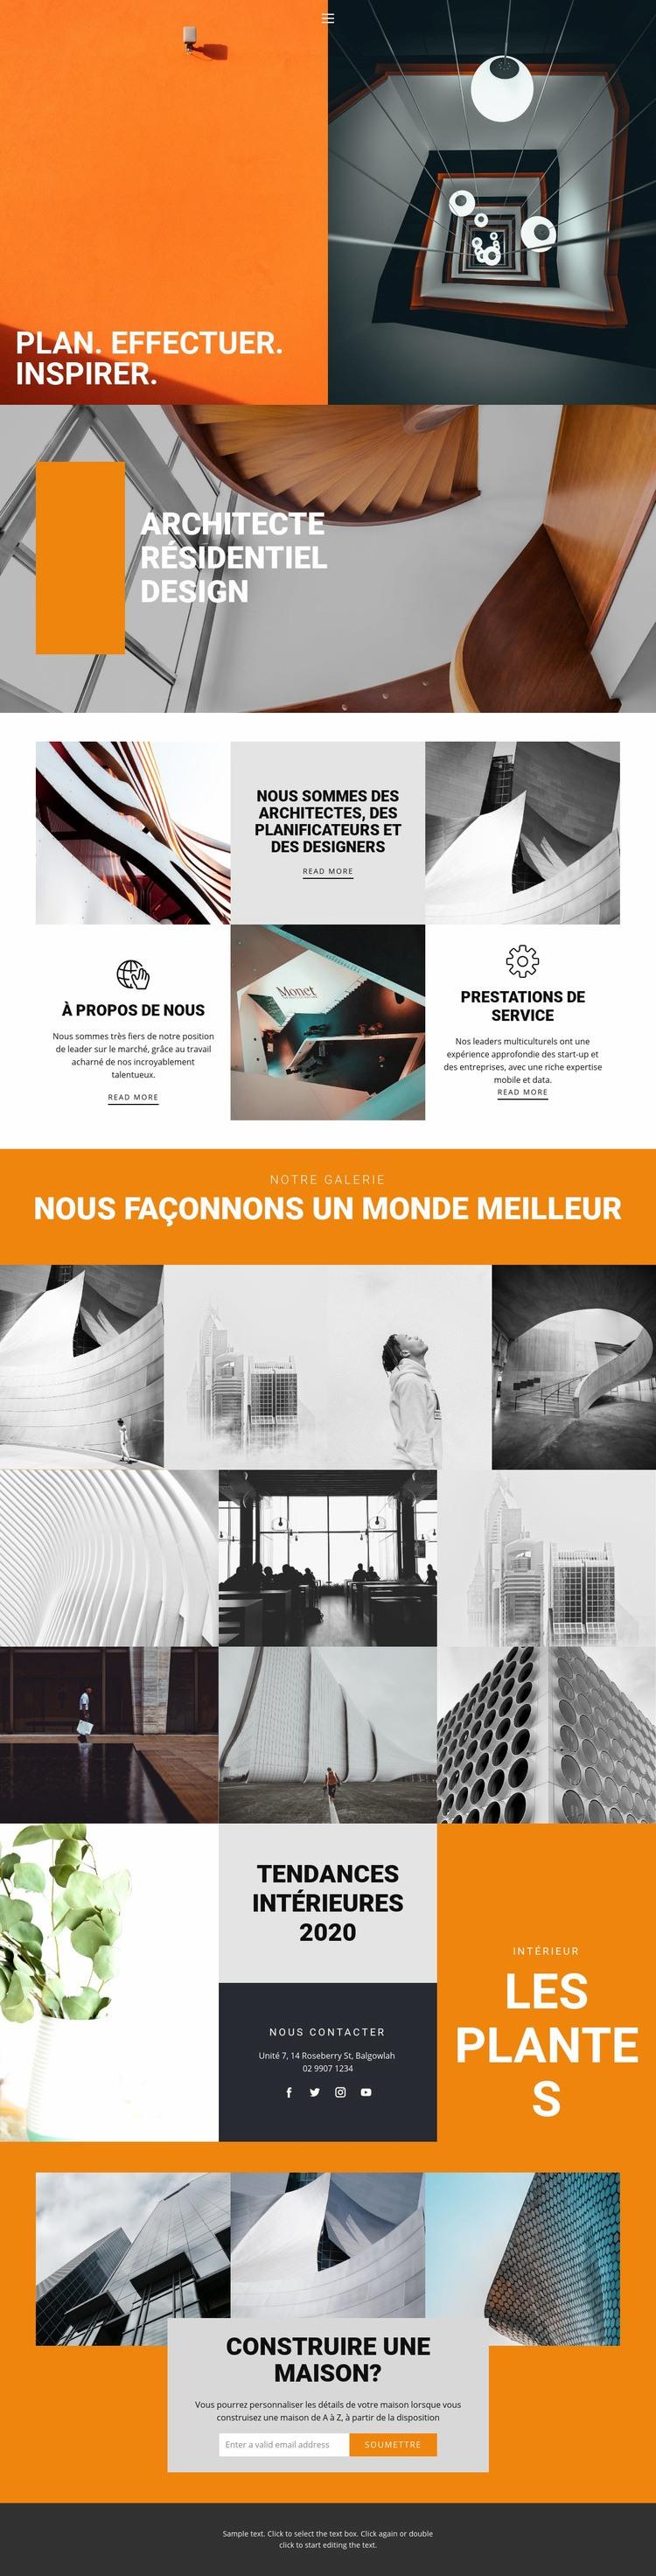 Architecture inspirante Modèle de site Web